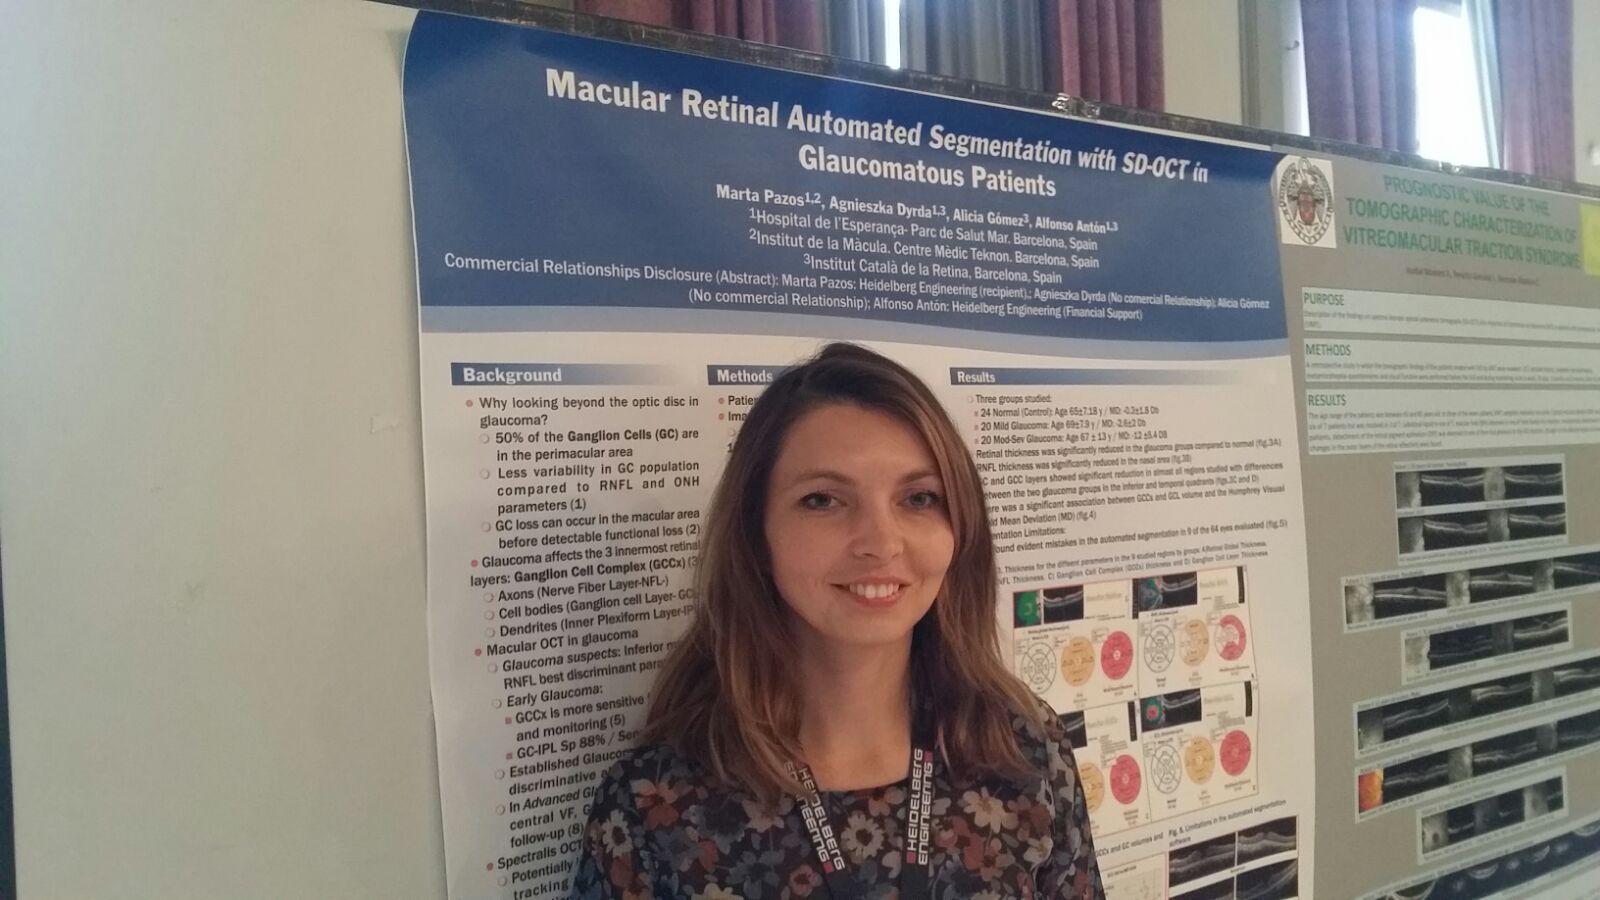 Постер, представленный Врачём А. Dyrda получил первое место в наиболее важном международном конгрессе по ОКT ( Оптическая когерентная томография )